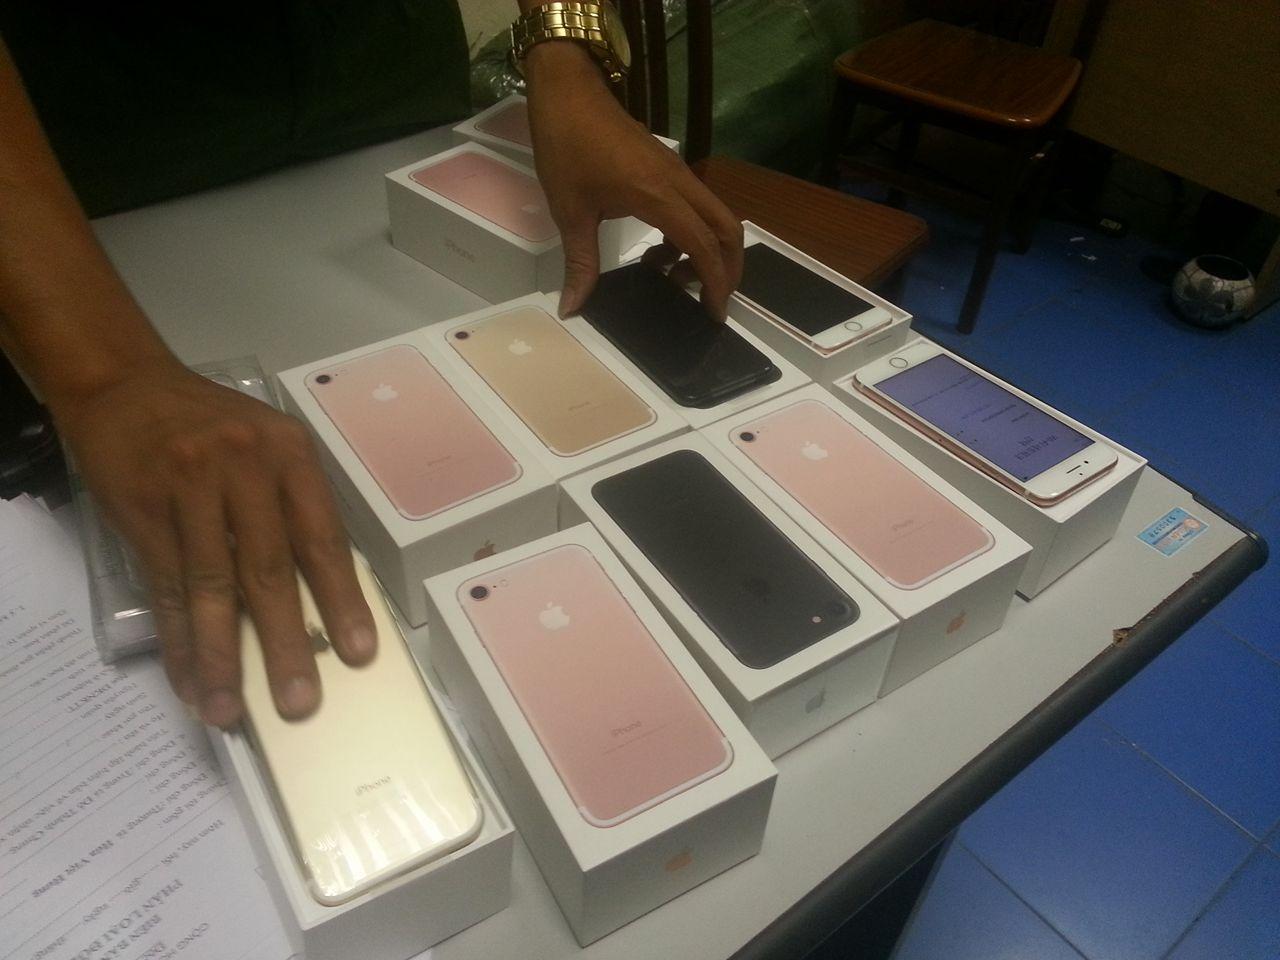 Cảnh sát phát hiện lô iPhone 7 không rõ xuất xứ - 3